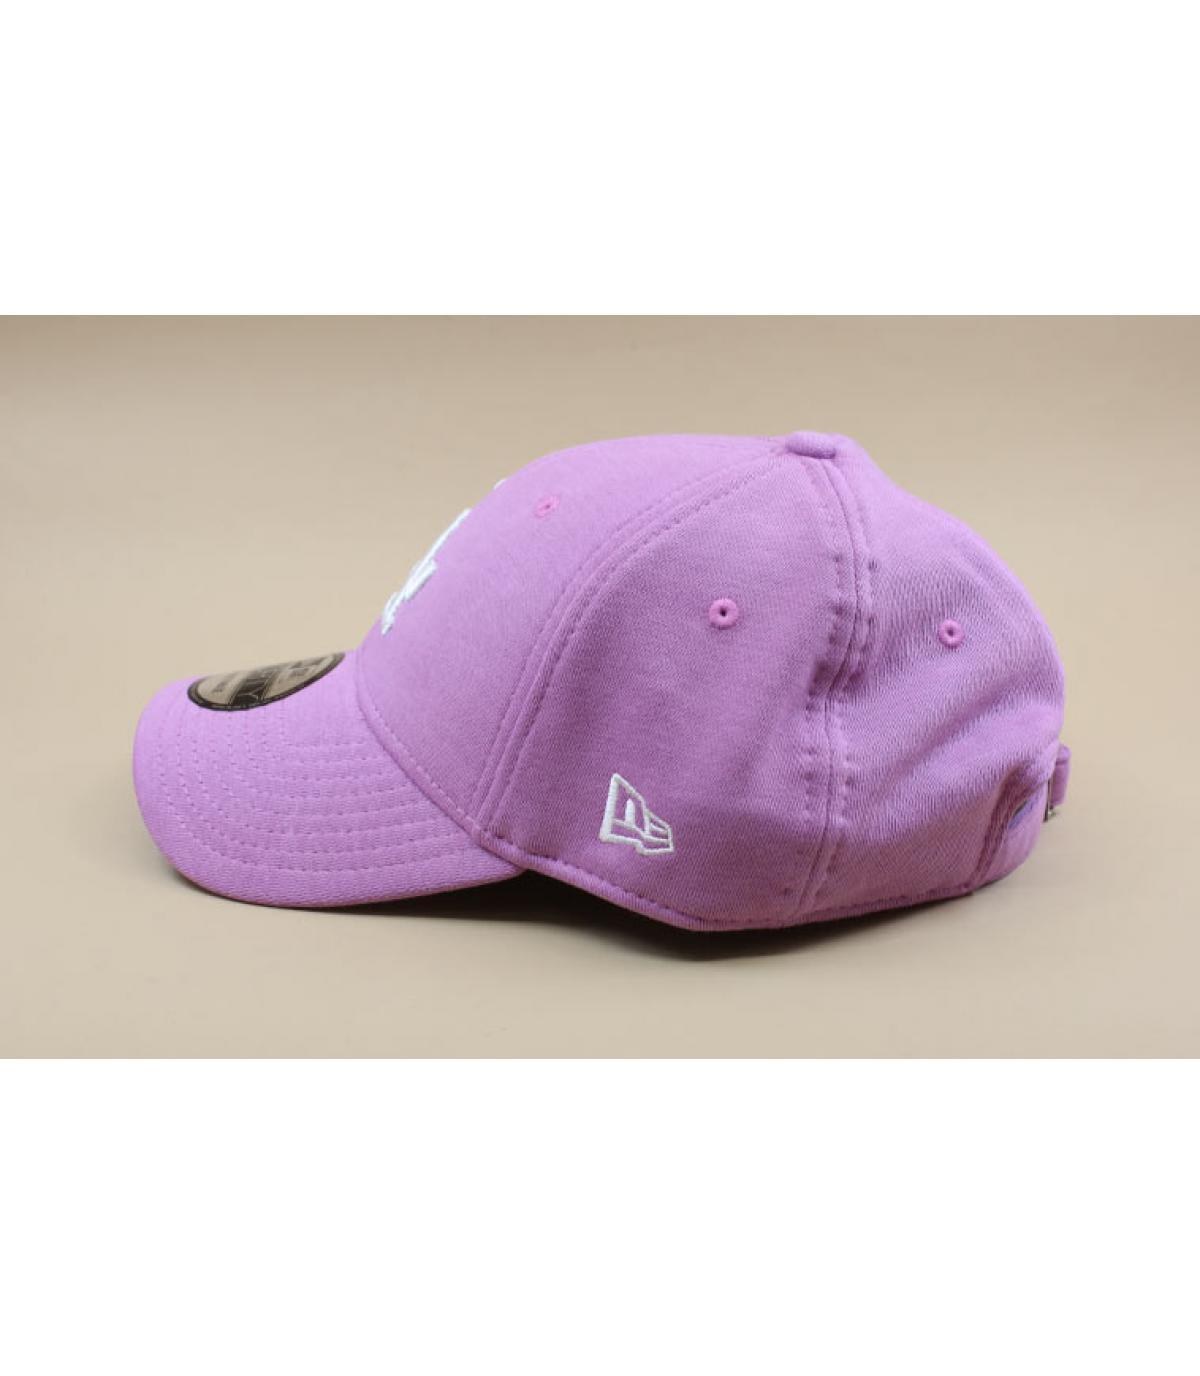 Détails Casquette Jersey Pack 940 LA pink - image 4